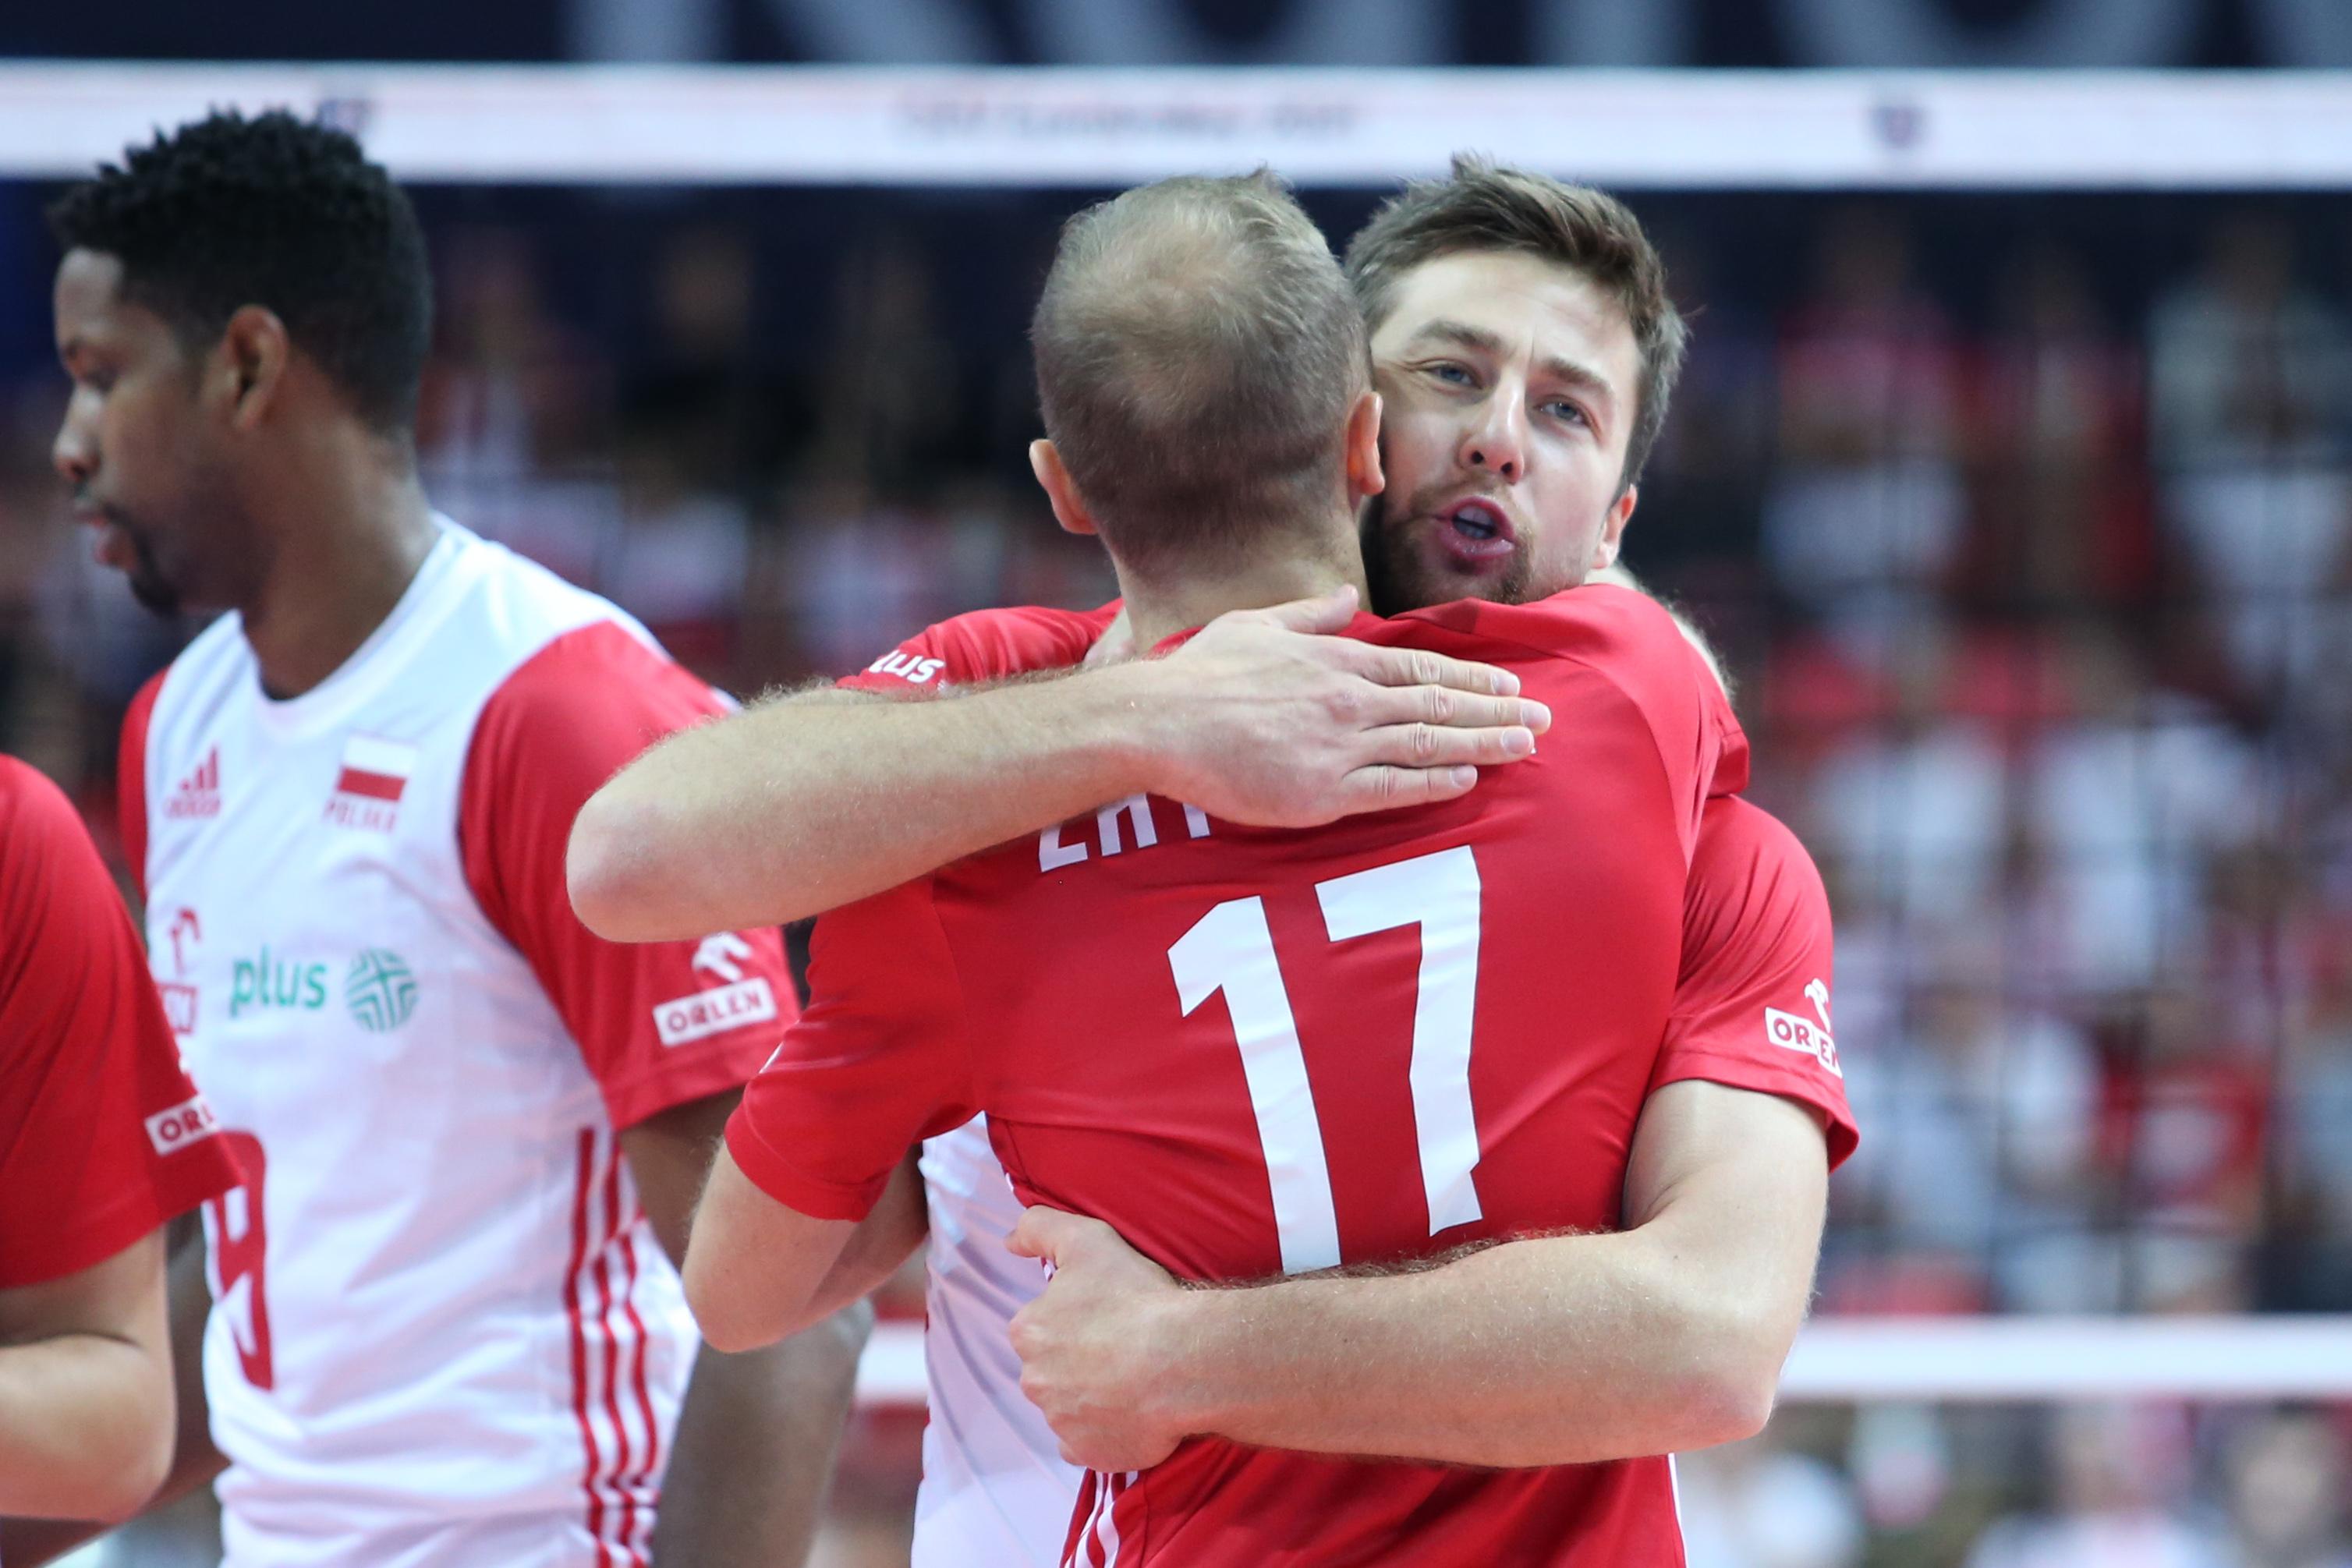 Mistrzostwa Europy siatkówka - Polska vs Serbia